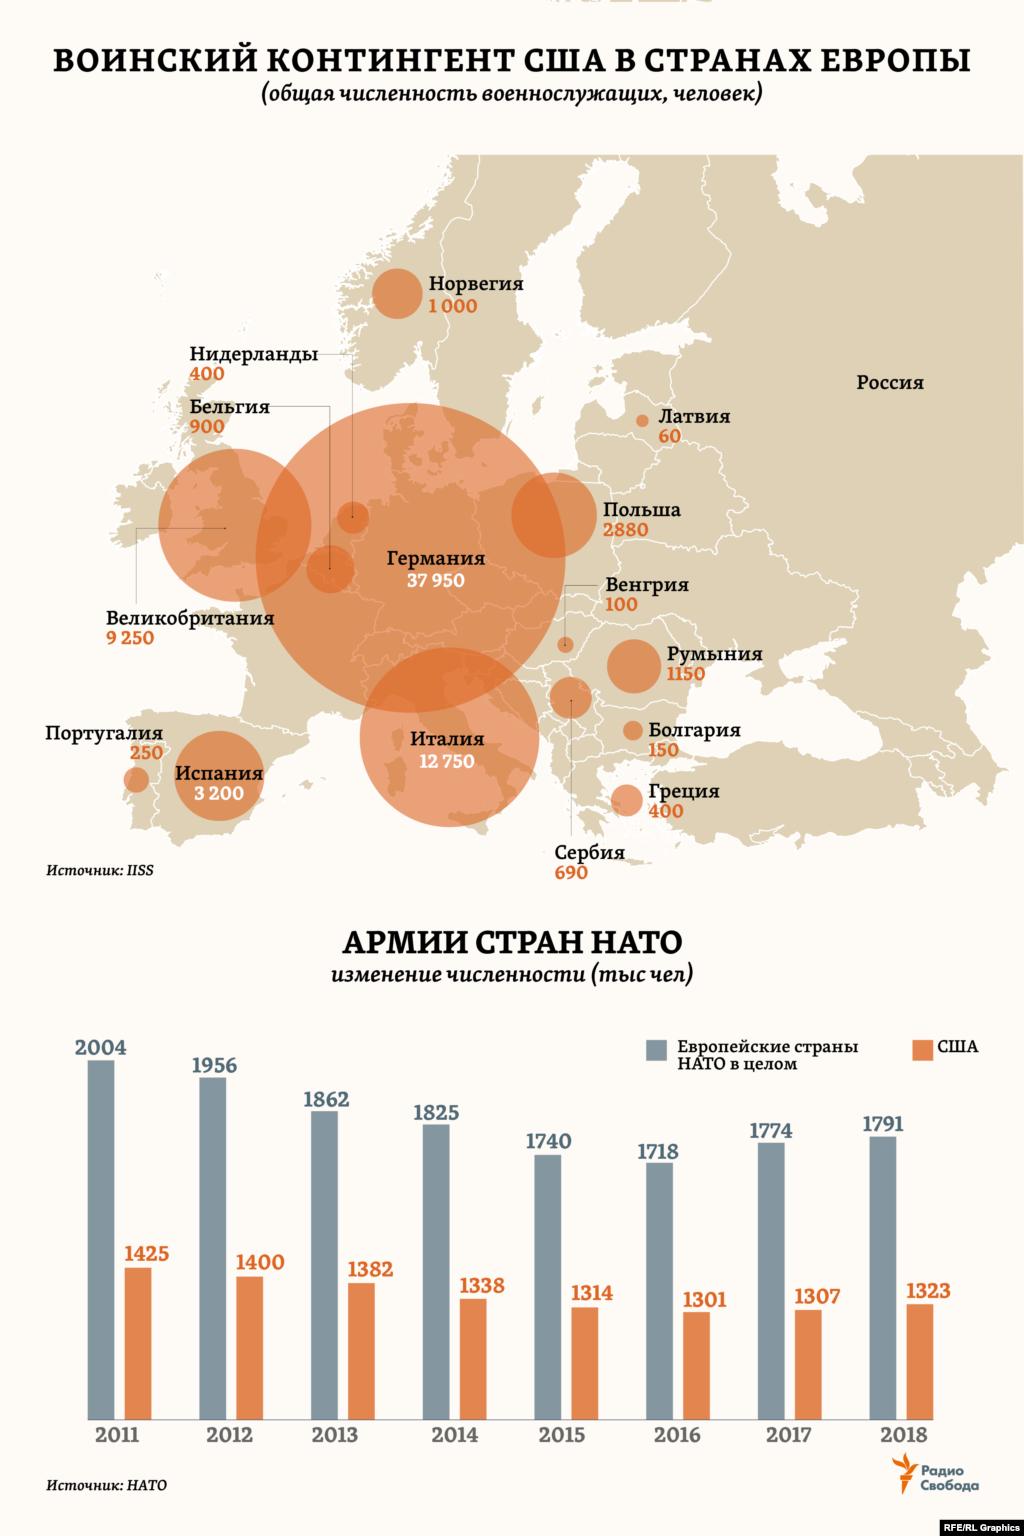 """Общая численность армий стран организации в европейском регионе, по текущим оценкам самой НАТО, примерно в 1,5 раза превышает численность всей армии США. И это соотношение не сильно менялось в последние годы.Тогда как собственно американский воинский контингент в Европе, по оценкам IISS, составляет около 71 тысячи человек, размещенных в 15 странах. Более половины от всех – в Германии, еще примерно треть – в Италии и Великобритании. Для сравнения: в составе воинских частей Западного военного округа России (ЗВО), как отмечает само Министерство обороны РФ, """"более 400 тысяч военнослужащих, что составляет около 40% от общей численности Вооруженных Сил РФ""""."""